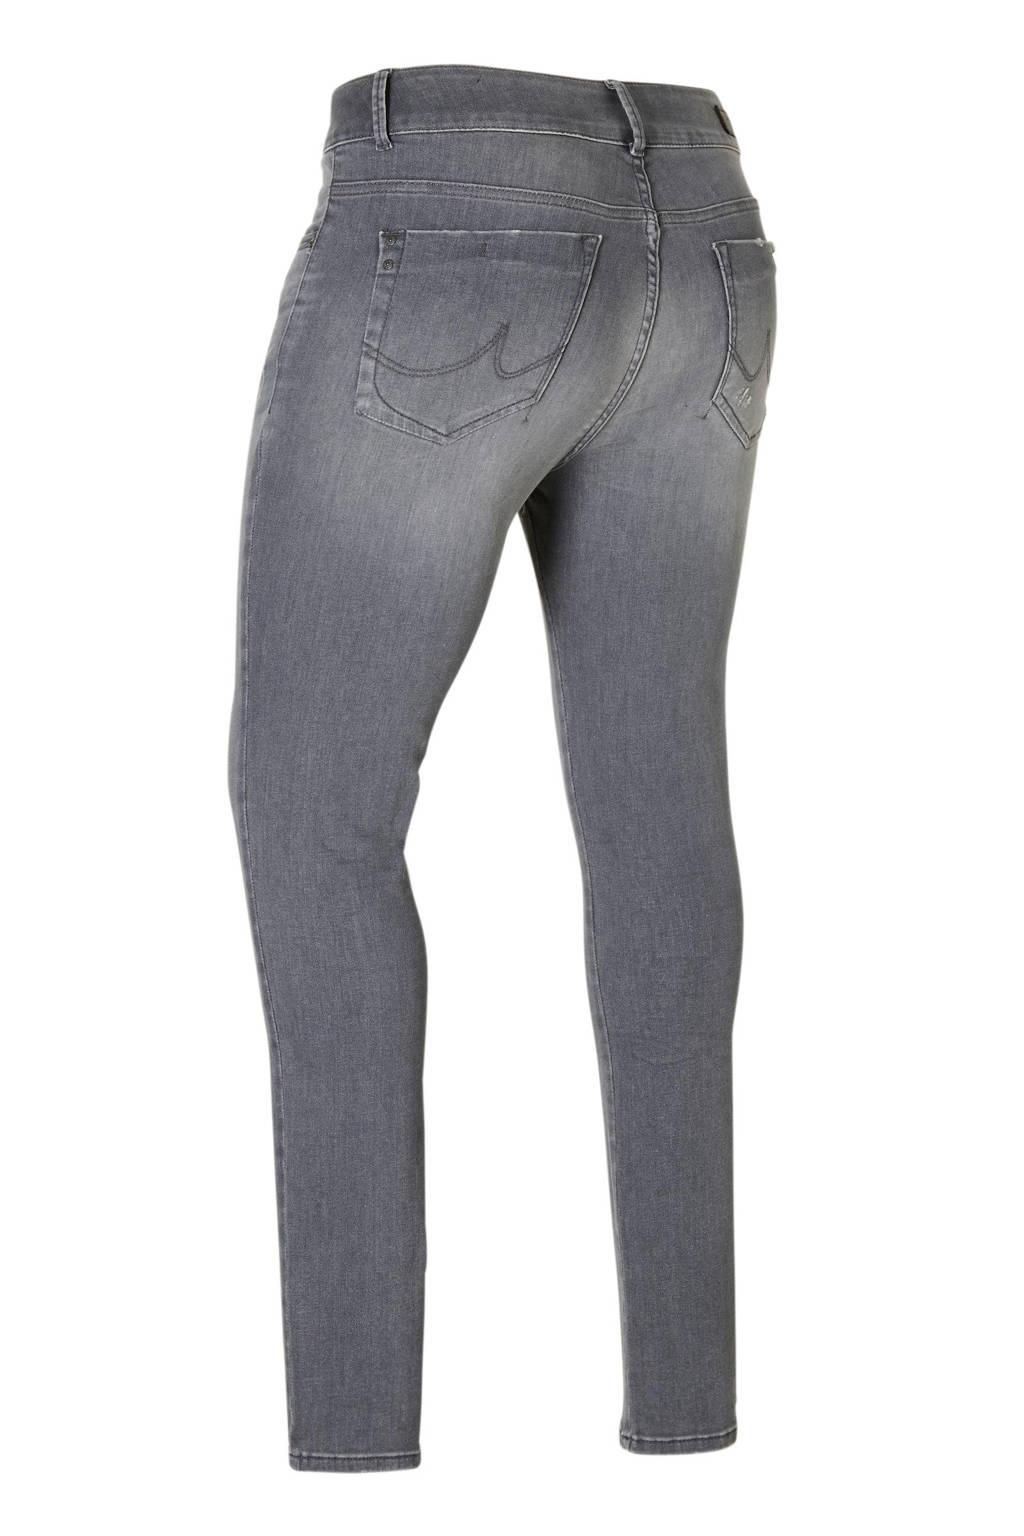 Ltb Plus Jeans Ltb Vivien Vivien Vivien Ltb Plus Plus Ltb Jeans Vivien Plus Jeans IPBnwHqgn